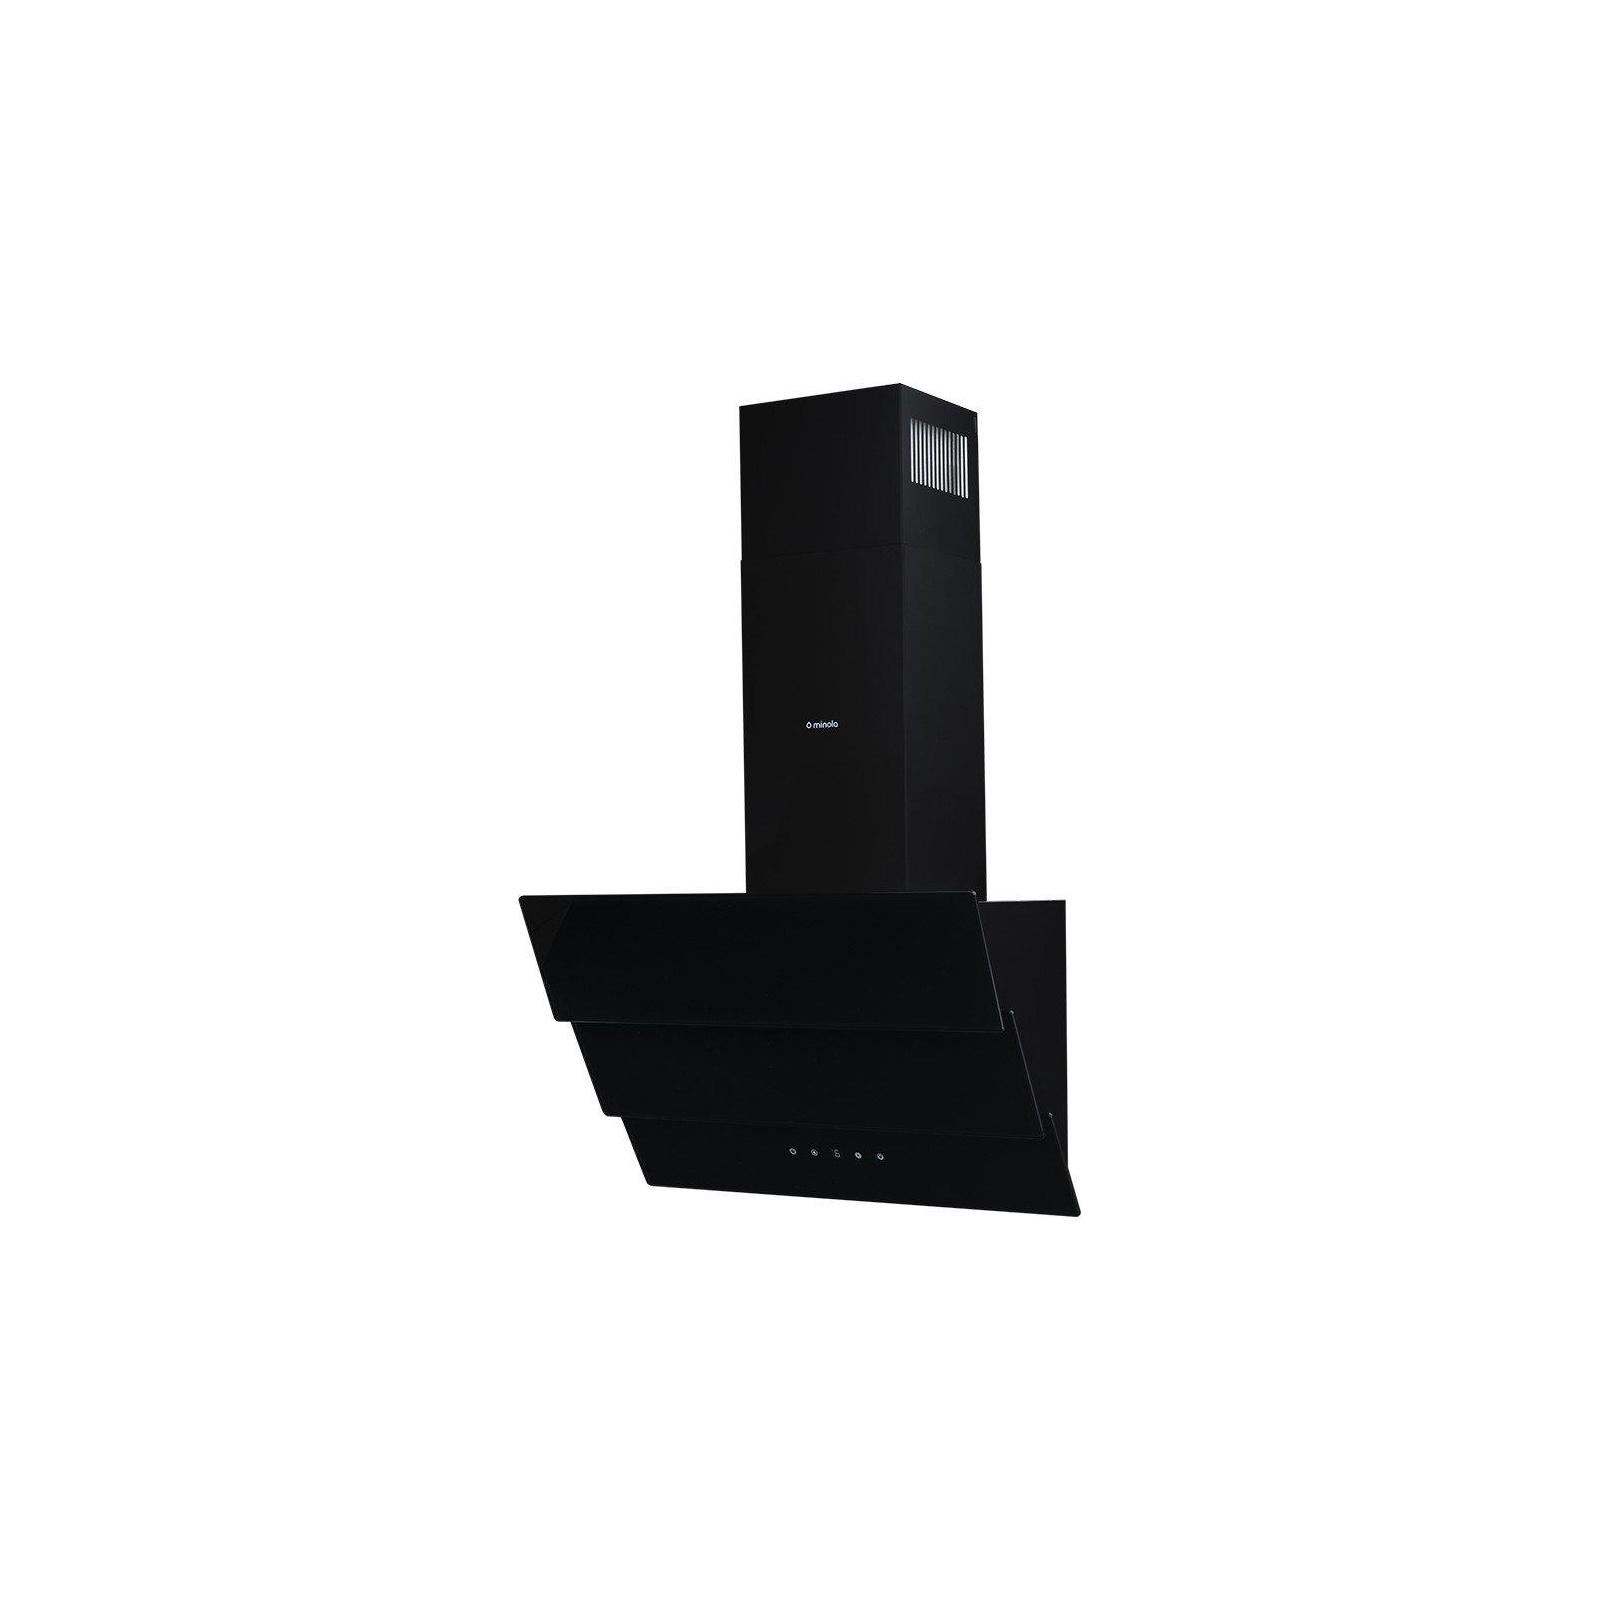 Вытяжка кухонная MINOLA HVS 6682 BL 1000 LED